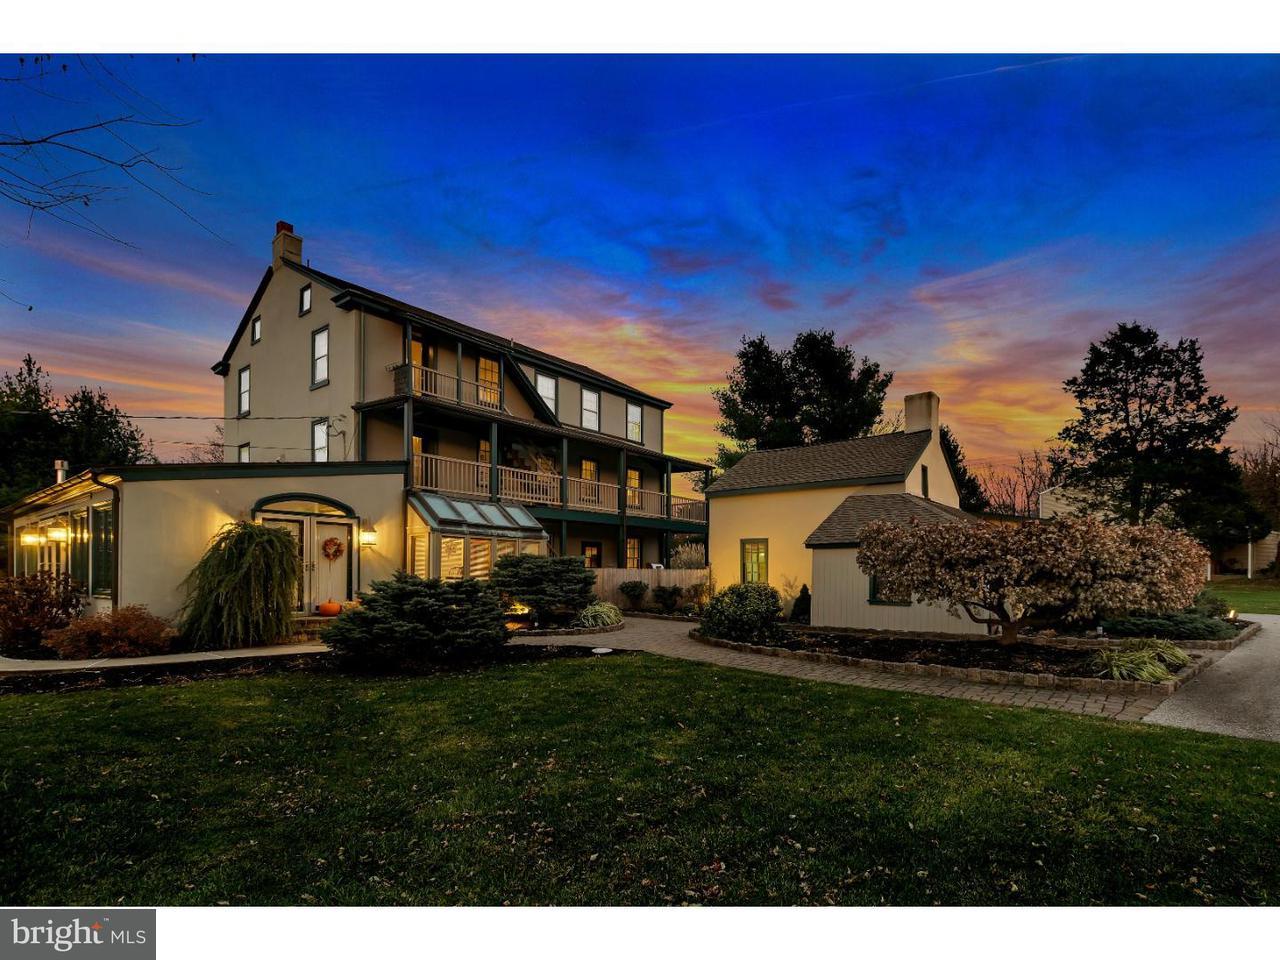 独户住宅 为 销售 在 2869 BAYTON Road Norristown, 宾夕法尼亚州 19403 美国